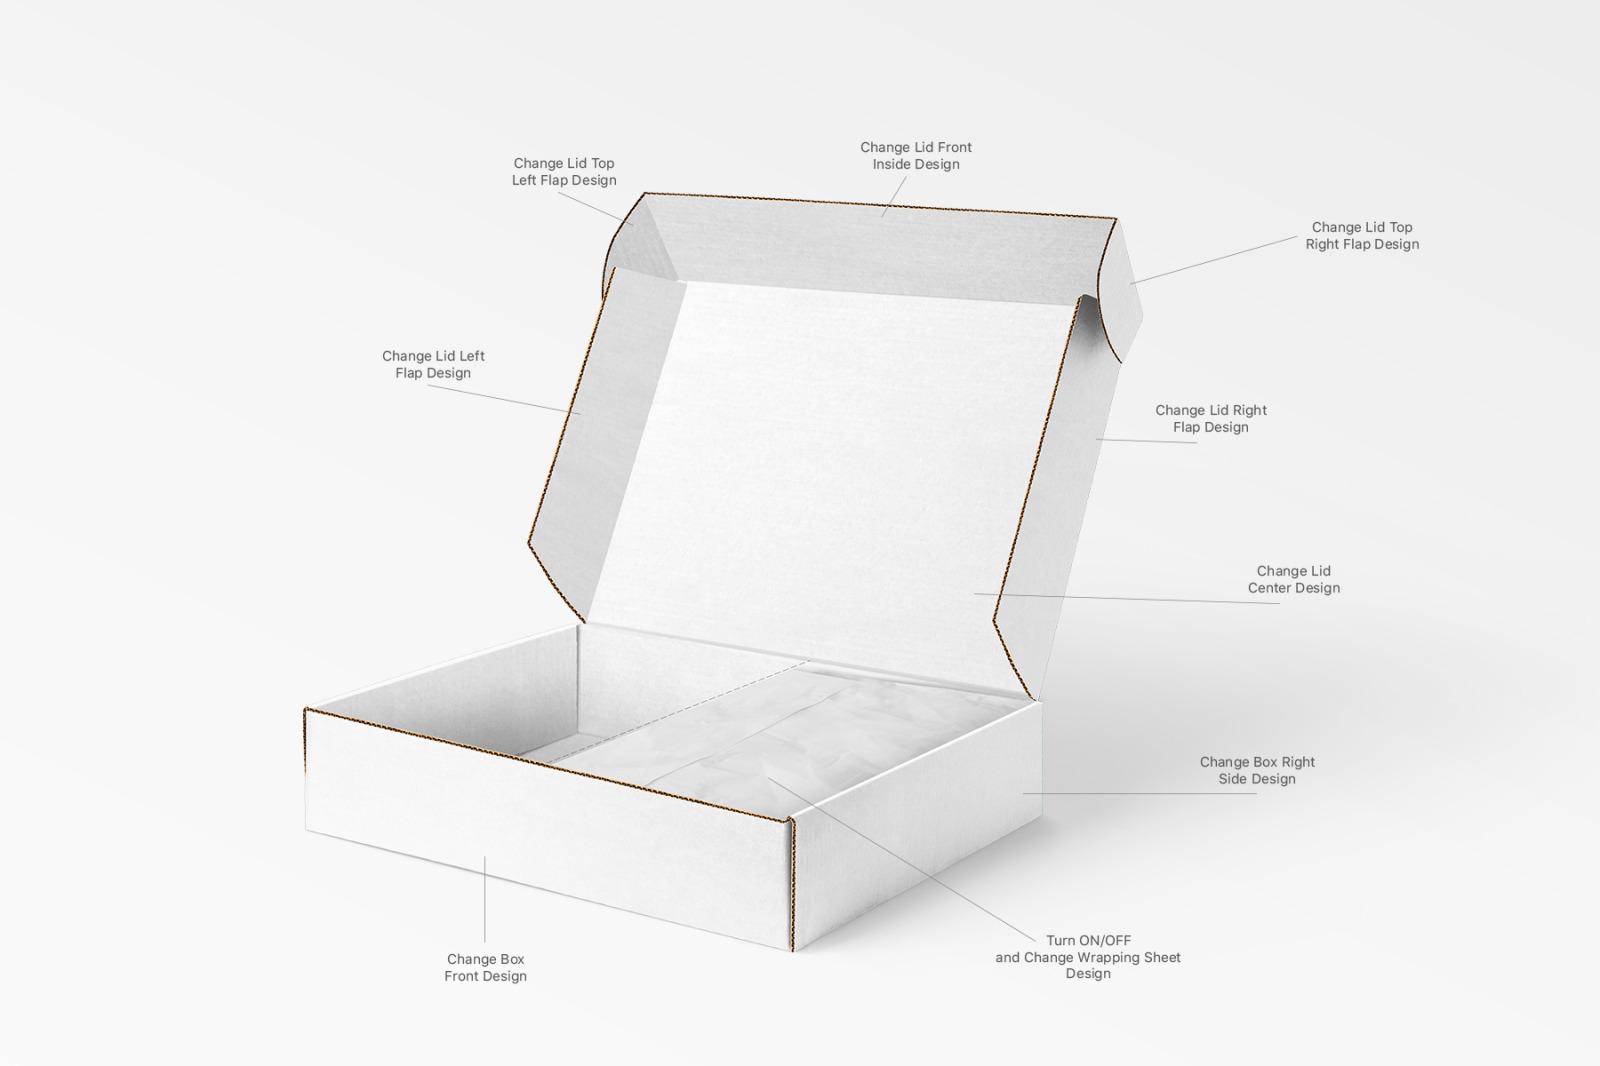 多角度快递包装纸盒外观设计展示样机 Mailing Box Mockups Set插图(7)